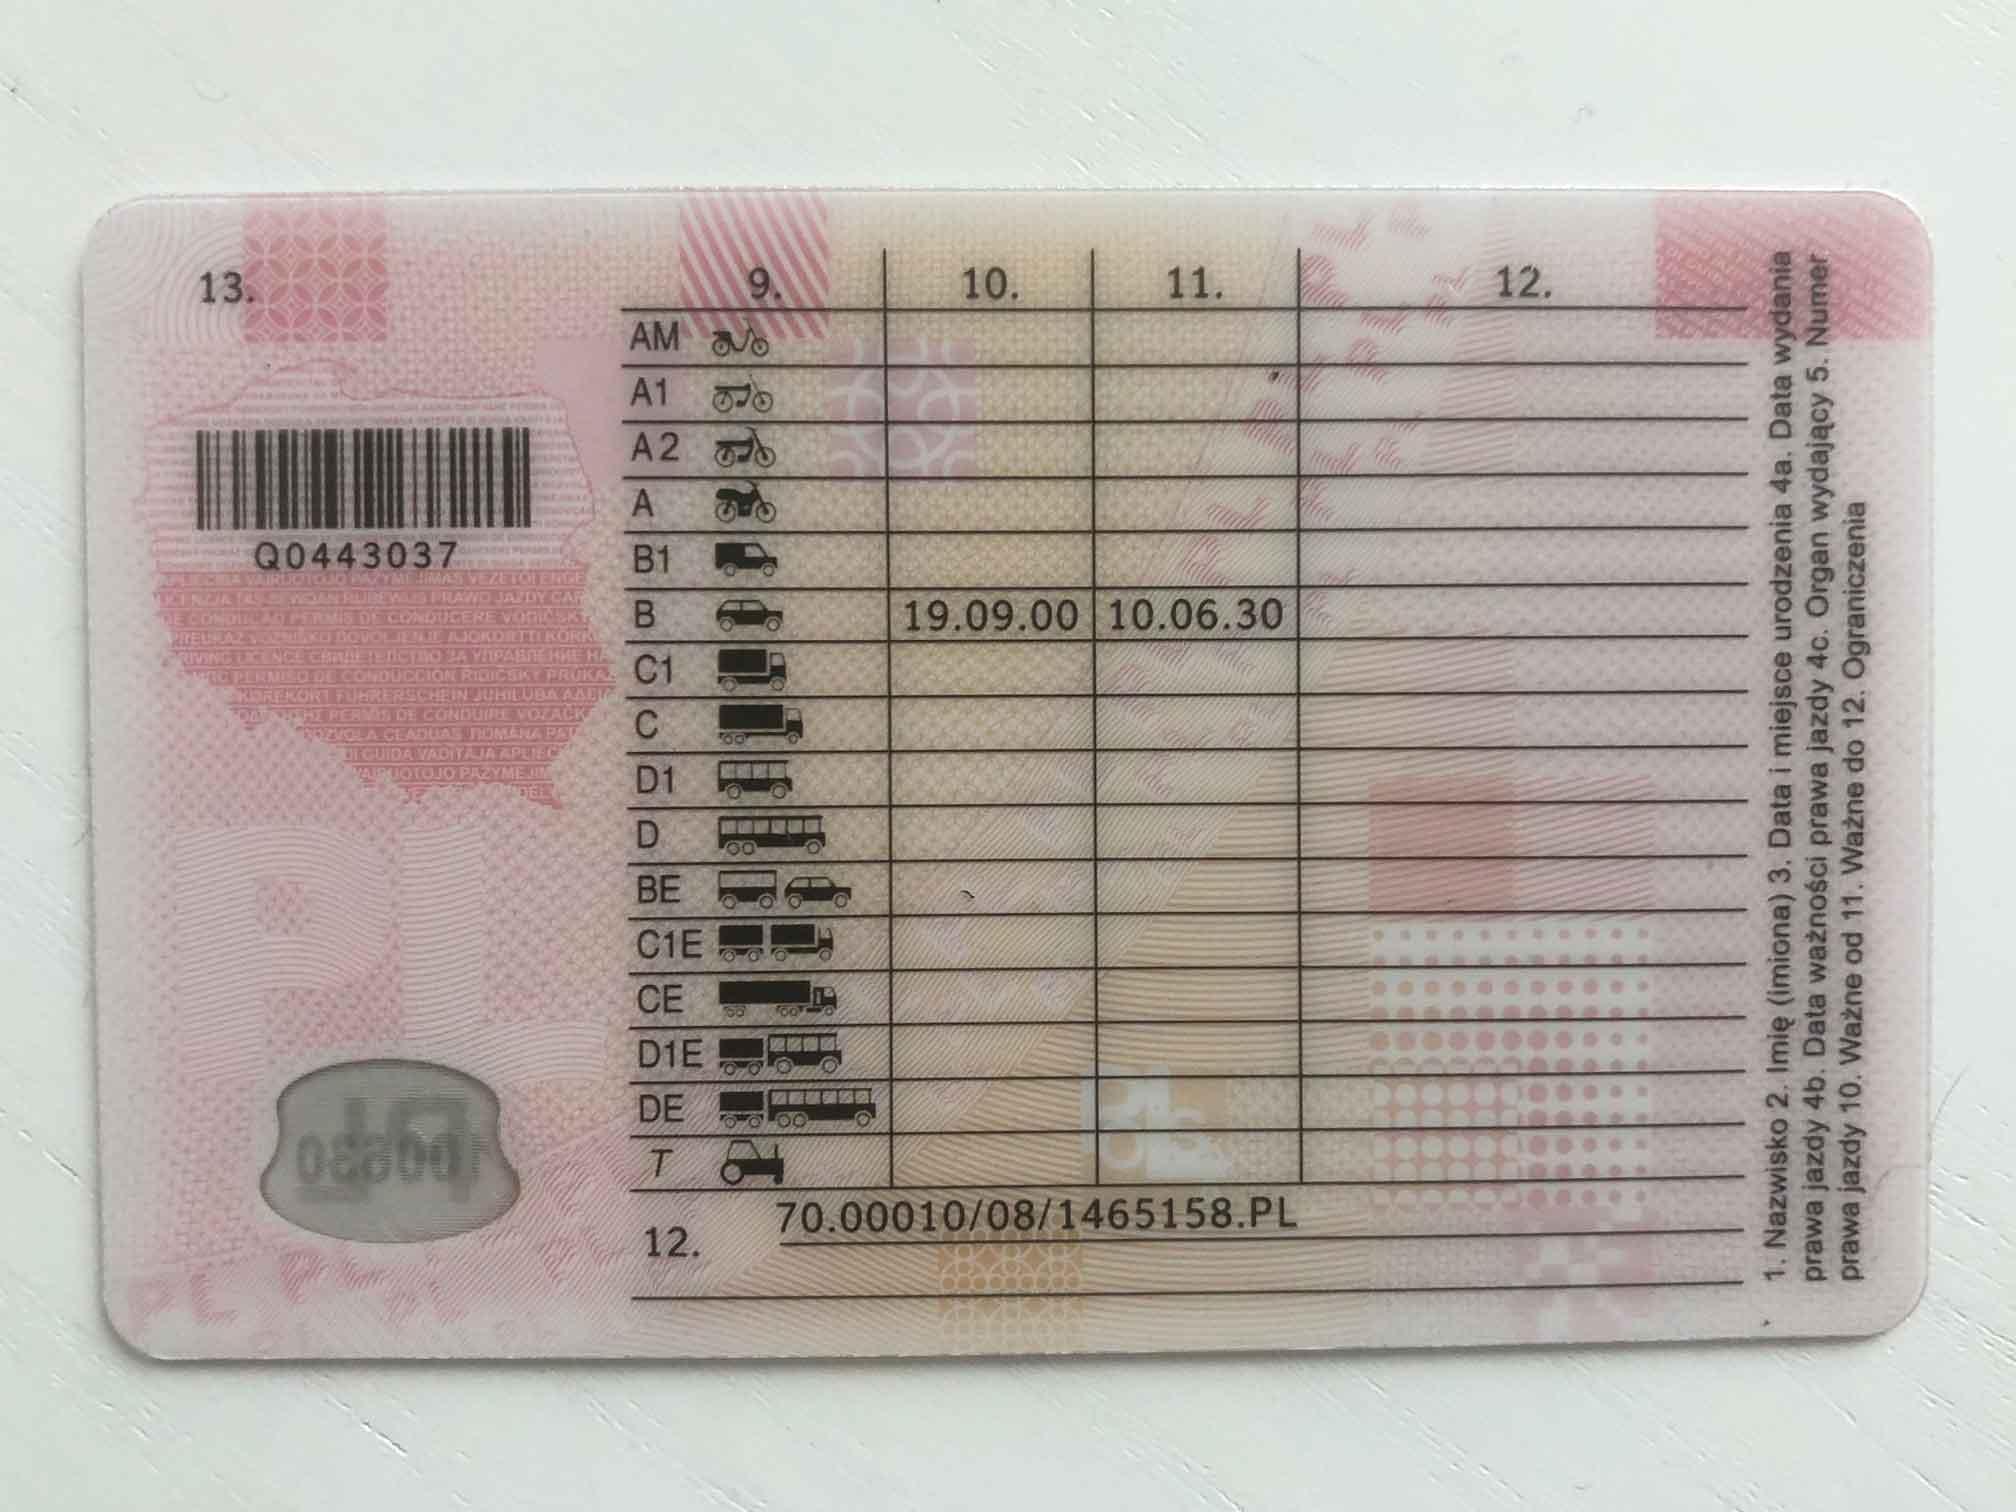 Międzynarodowe prawo jazdy w Polsce